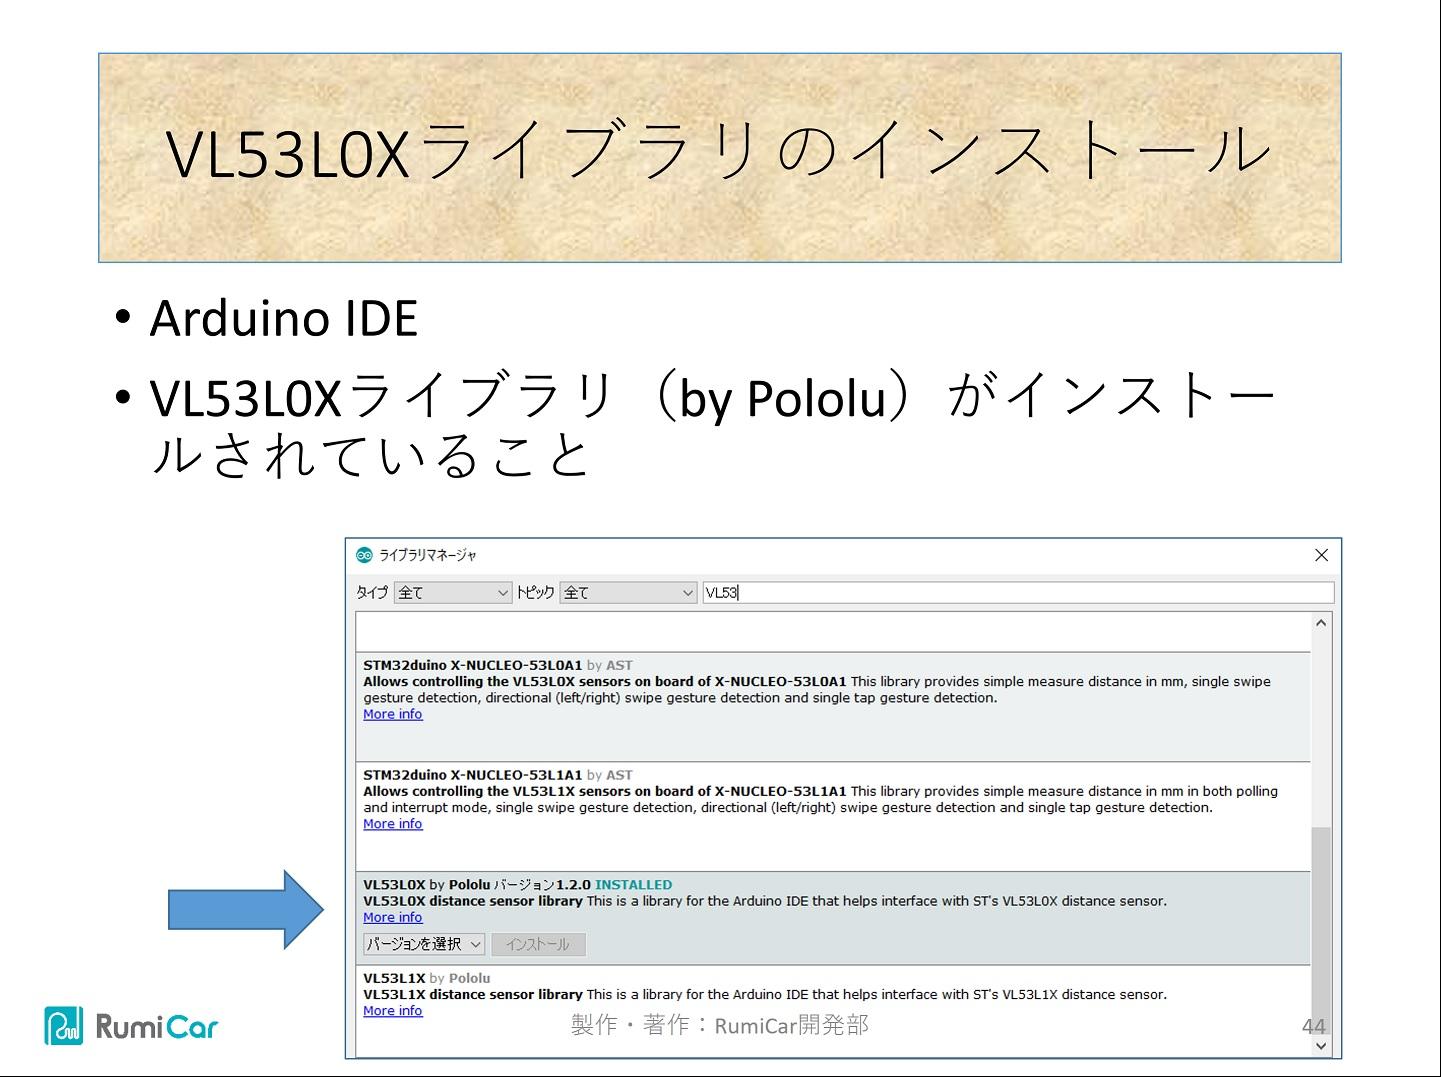 VL53L0Xライブラリ画像